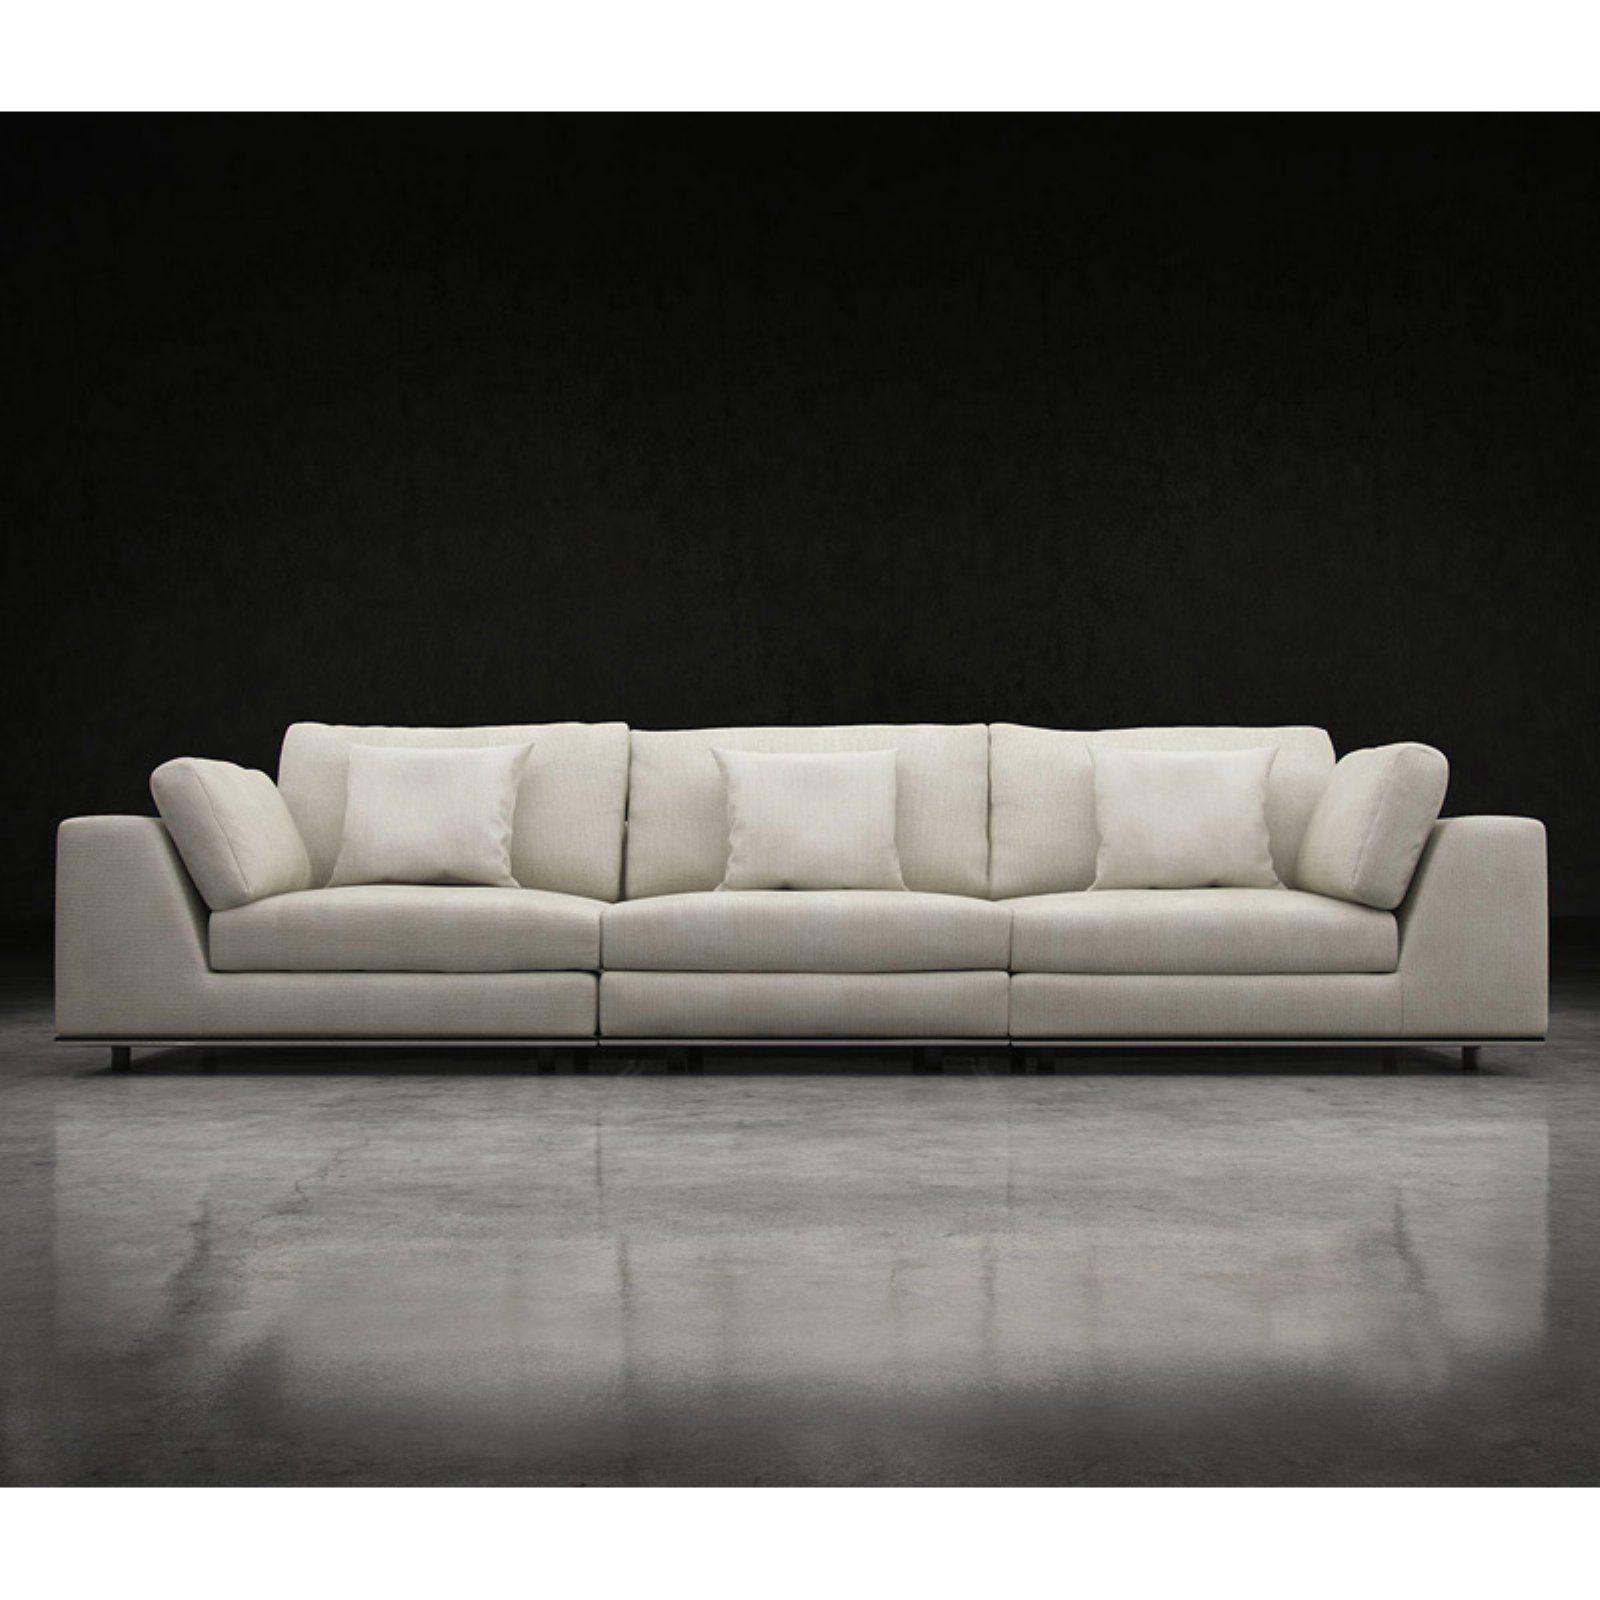 Modloft Perry 3 Piece Sectional Sofa 3 Piece Sectional Sofa Sofa Three Seat Sofa